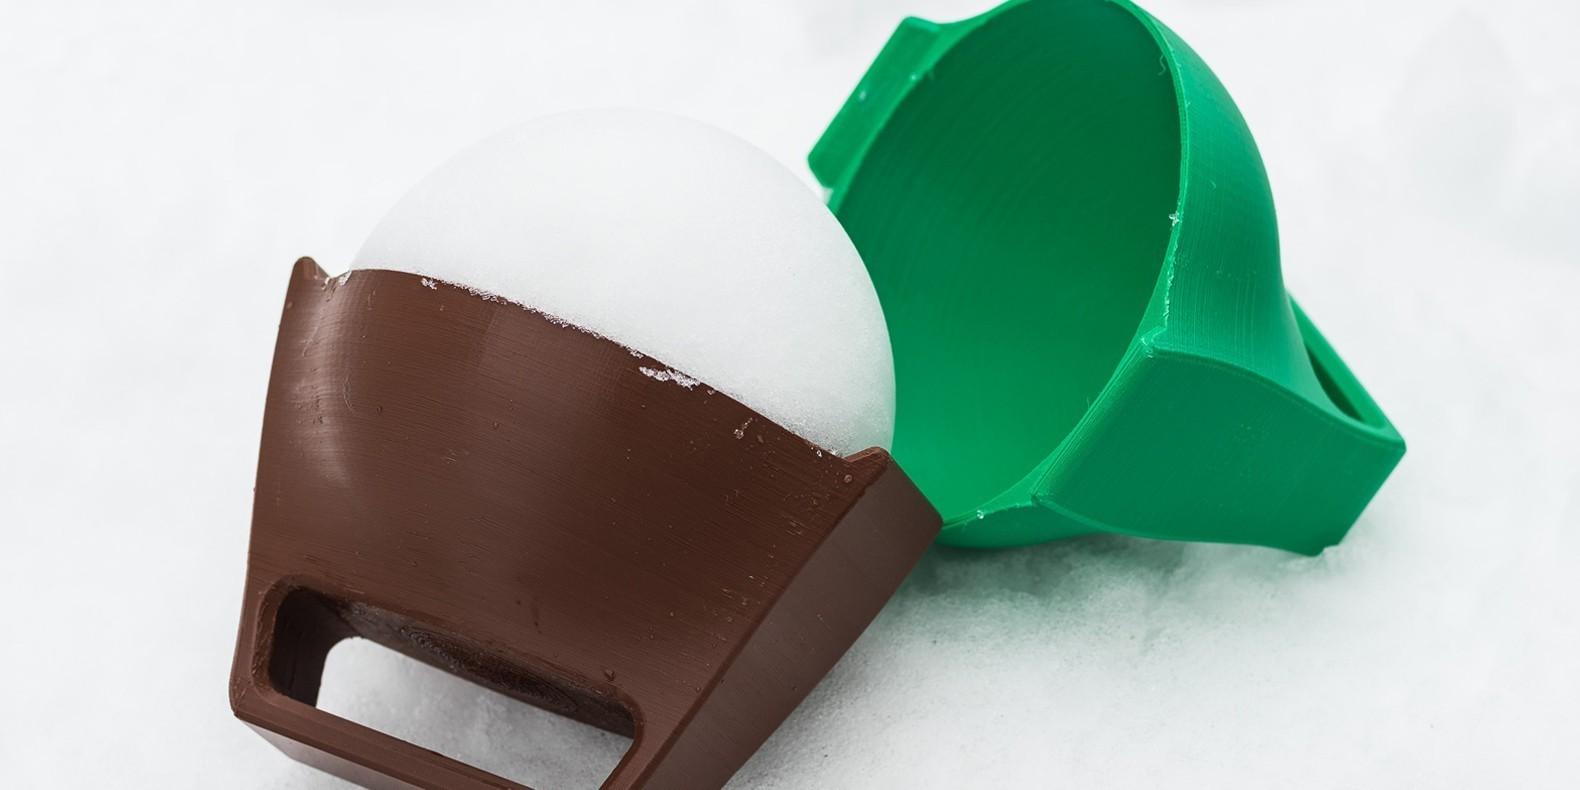 Retrouvez ici une sélection des meilleurs modèles 3D imprimables en 3D pour la neige et l'hiver